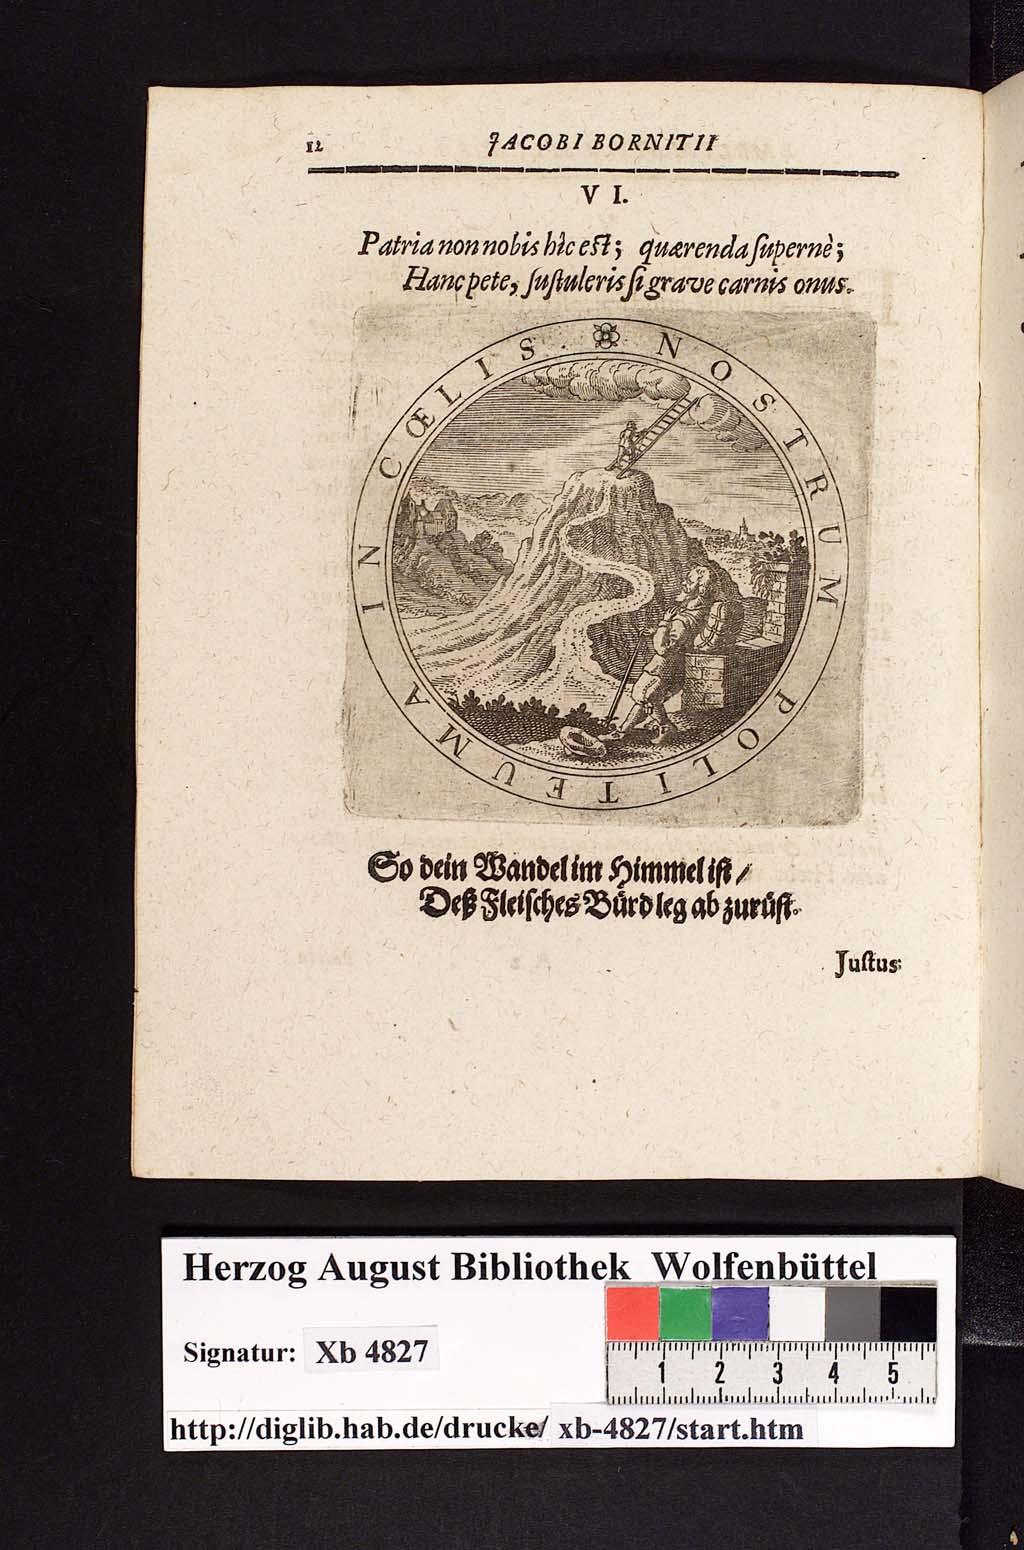 http://diglib.hab.de/drucke/xb-4827/00015.jpg